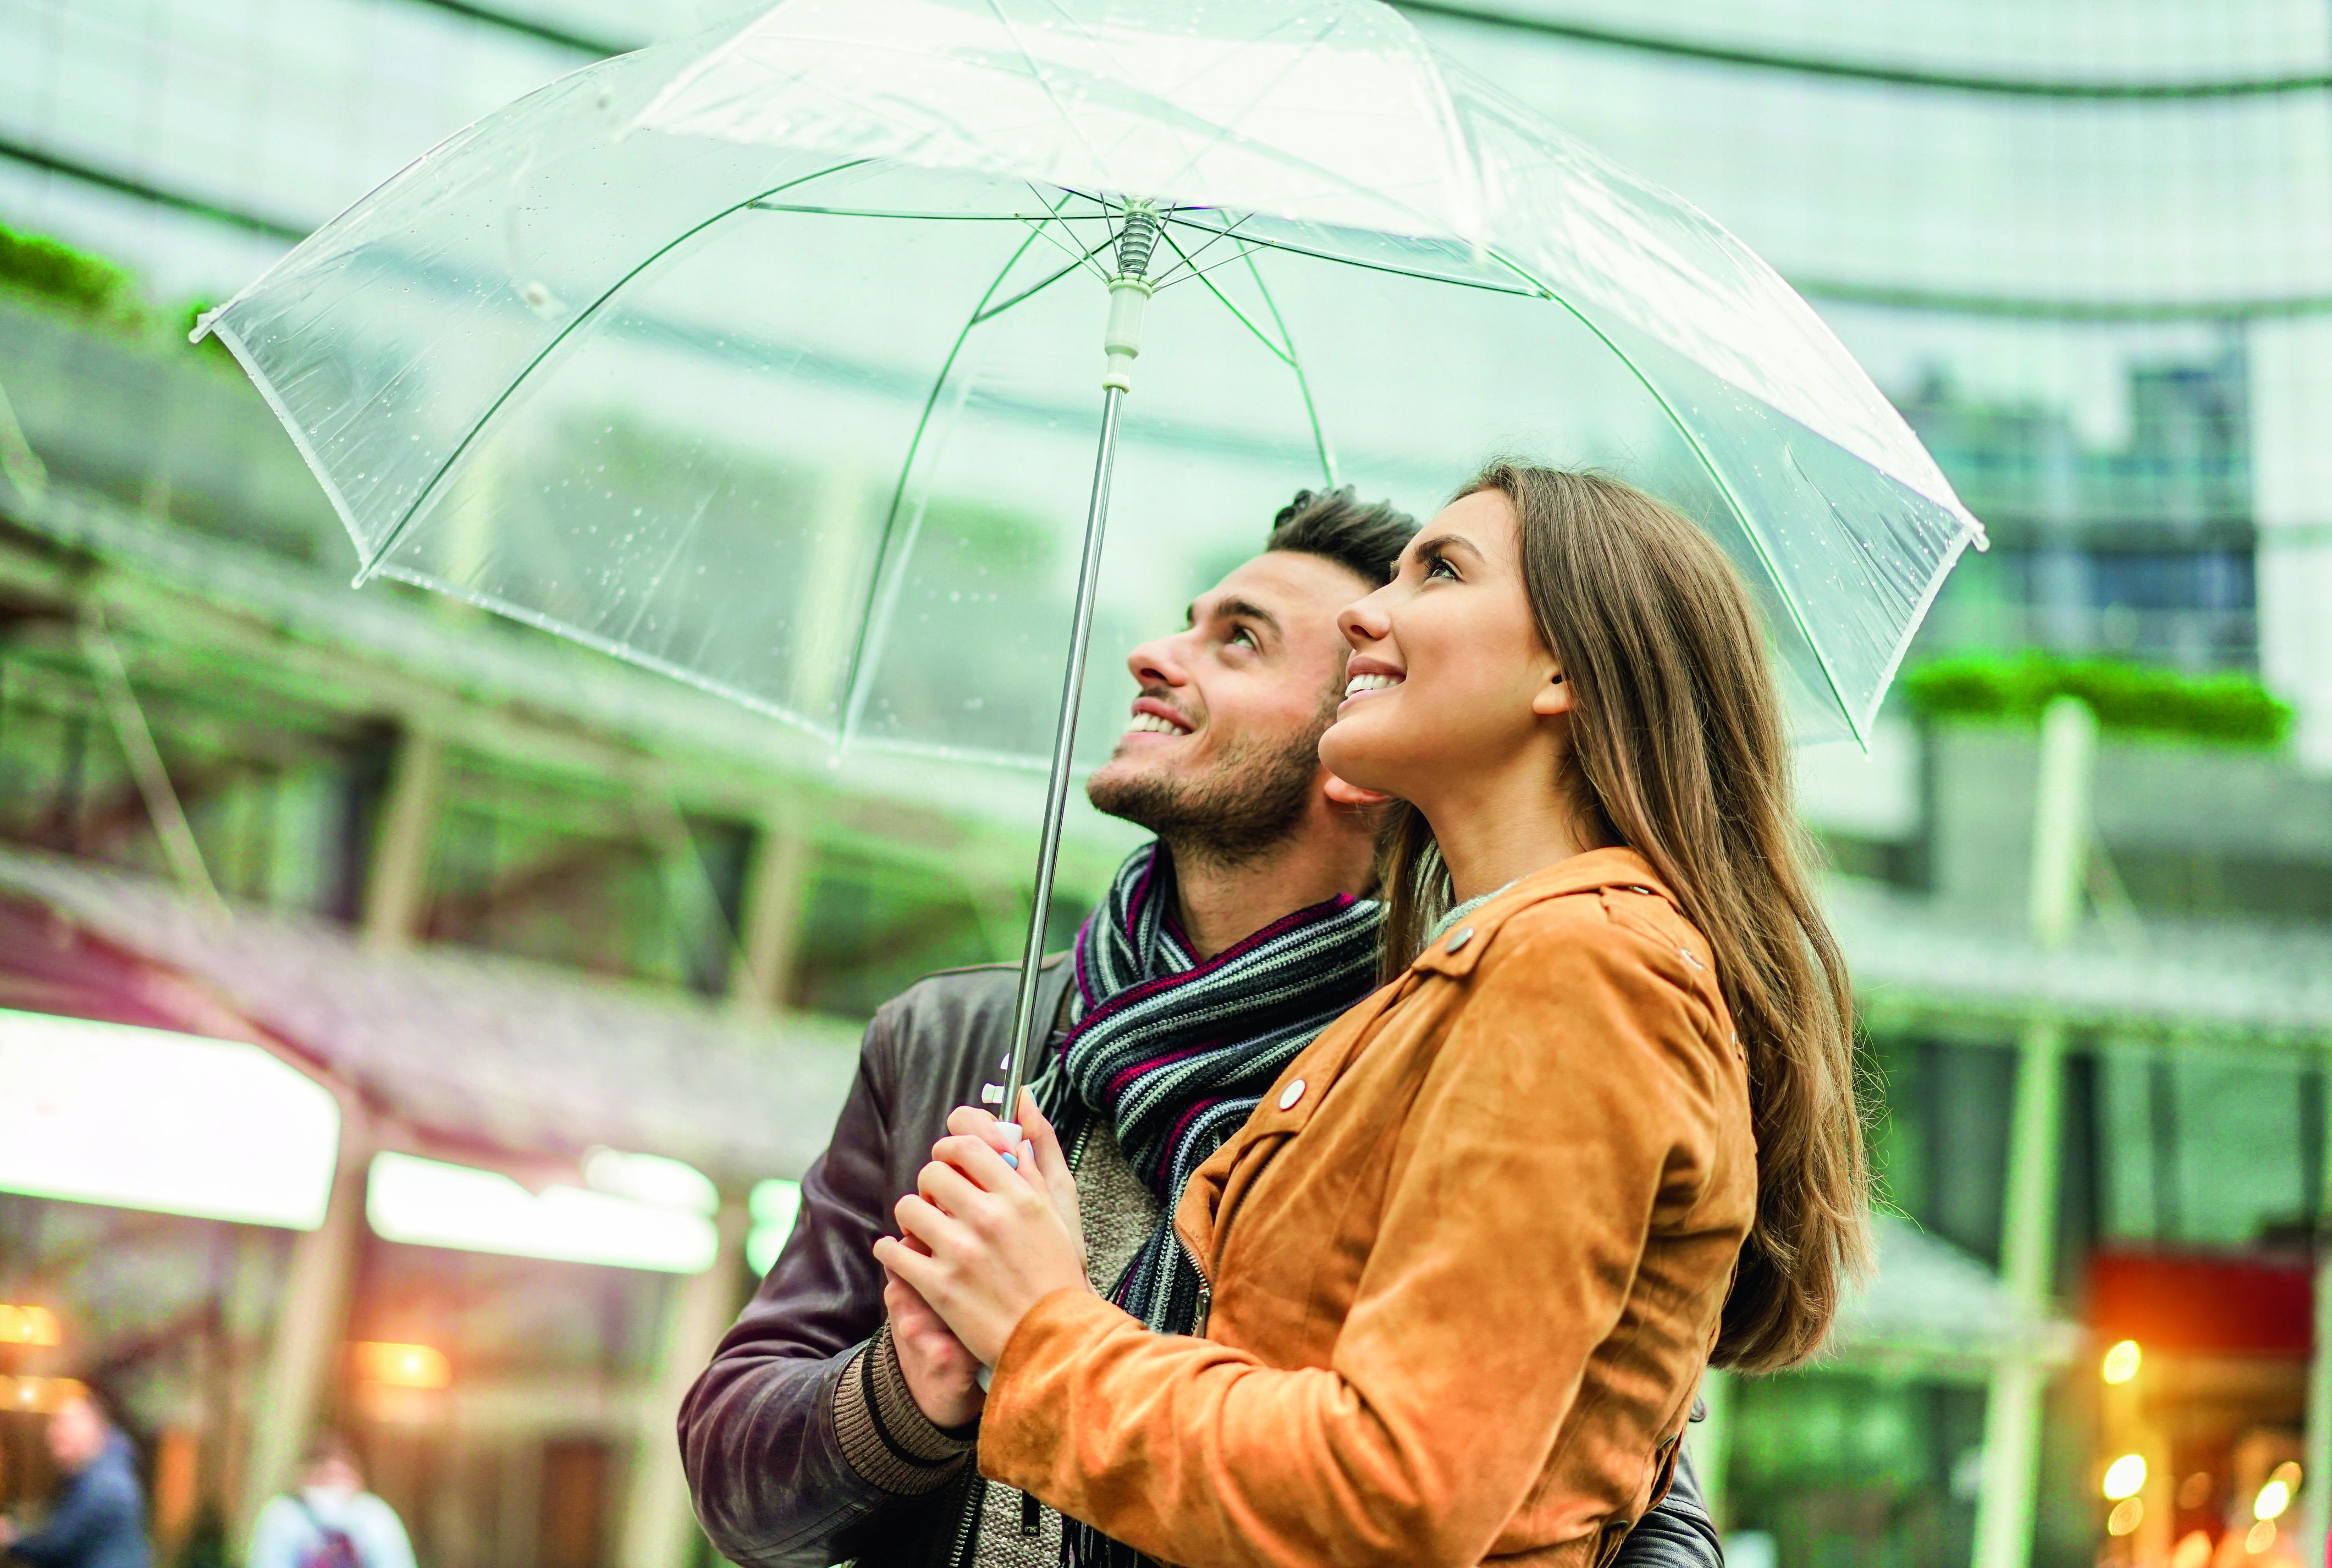 Максимальная защита жизни, защиту супружеской пары